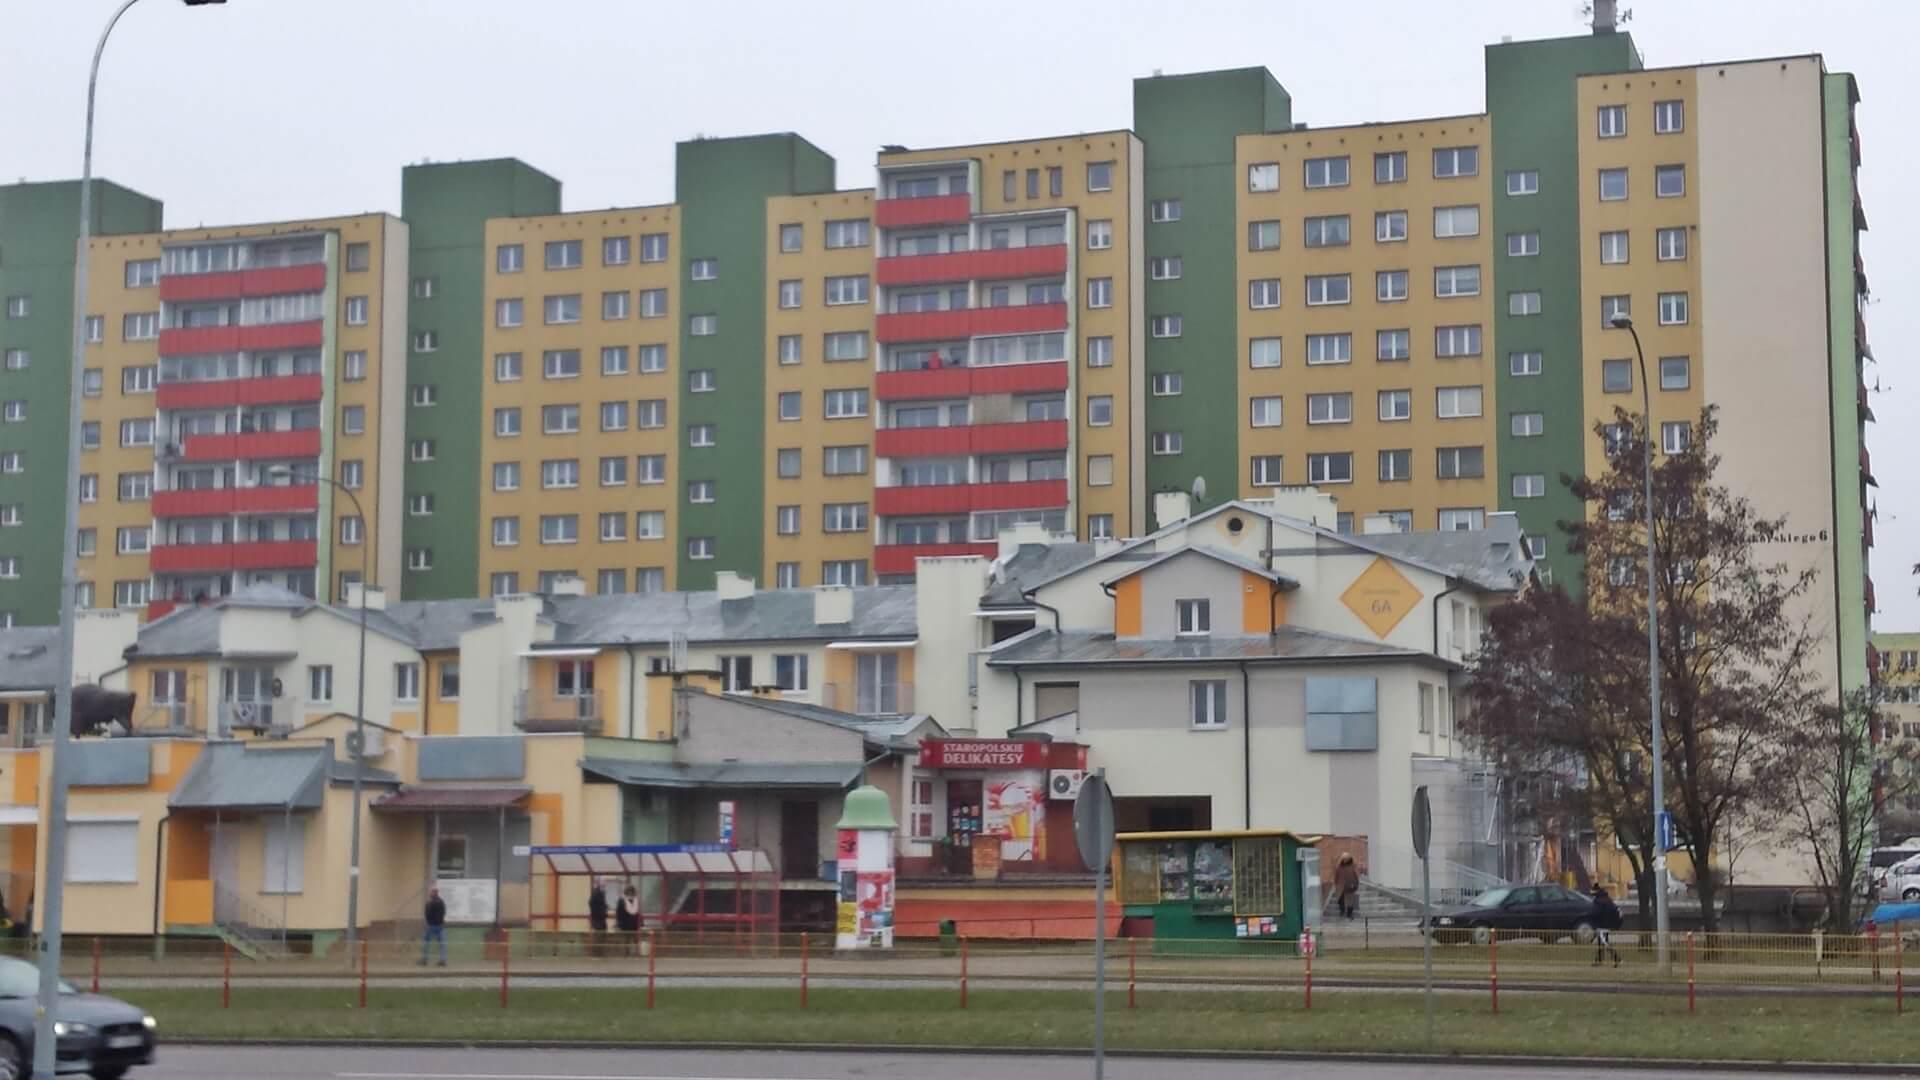 Bloki w Białymstoku, fot. Andrzej Bajguz